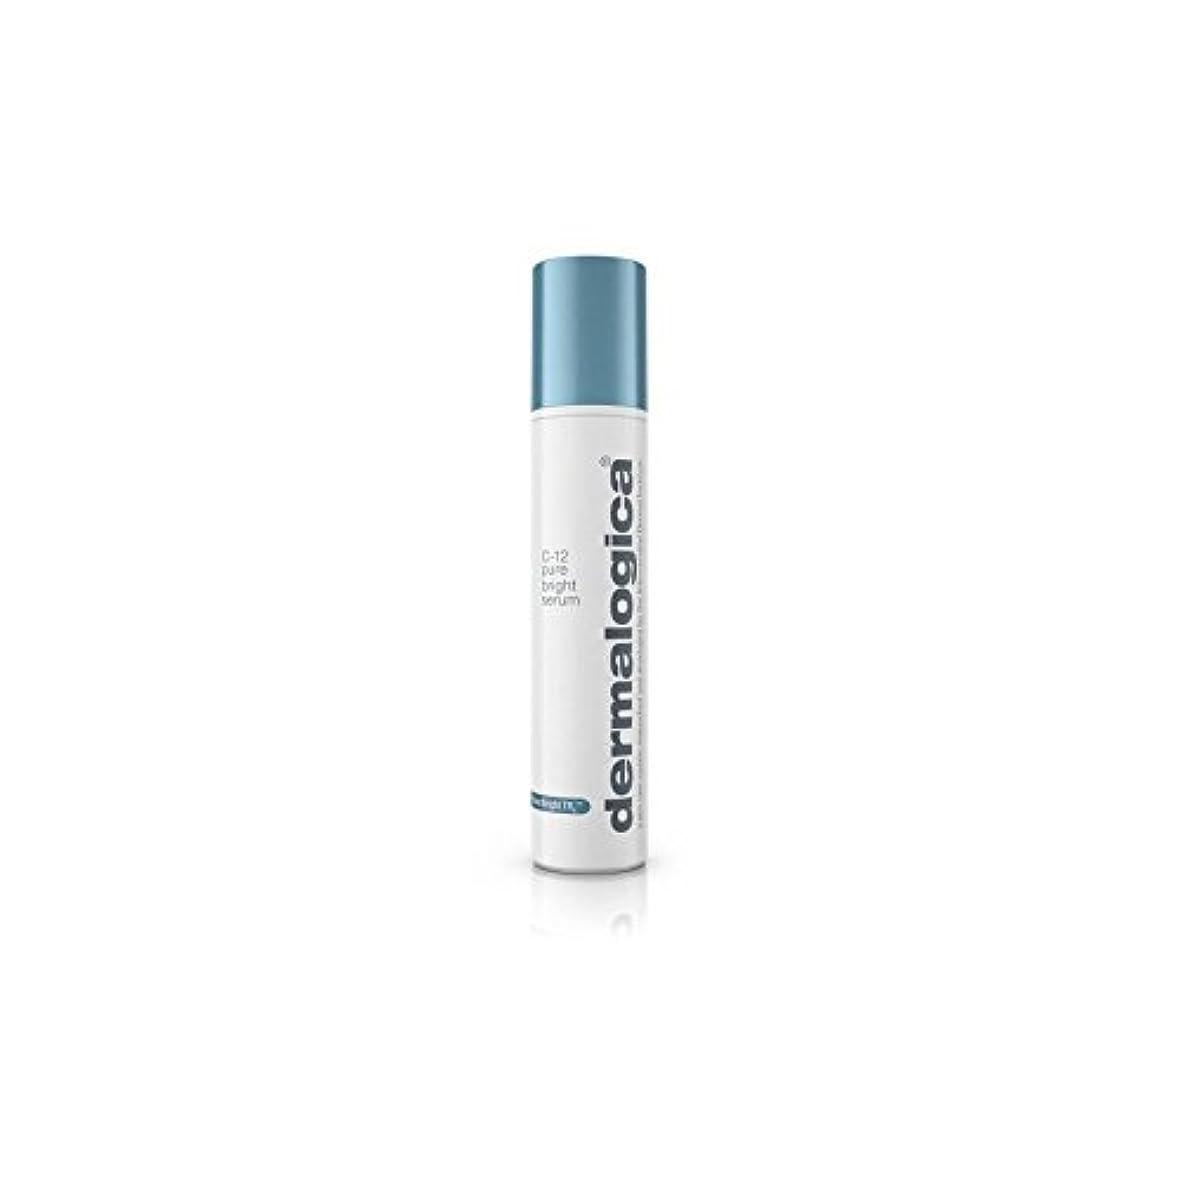 ダーマロジカの-12の純粋な明るい血清 - x4 - Dermalogica C-12 Pure Bright Serum - Powerbright Trx (Pack of 4) [並行輸入品]